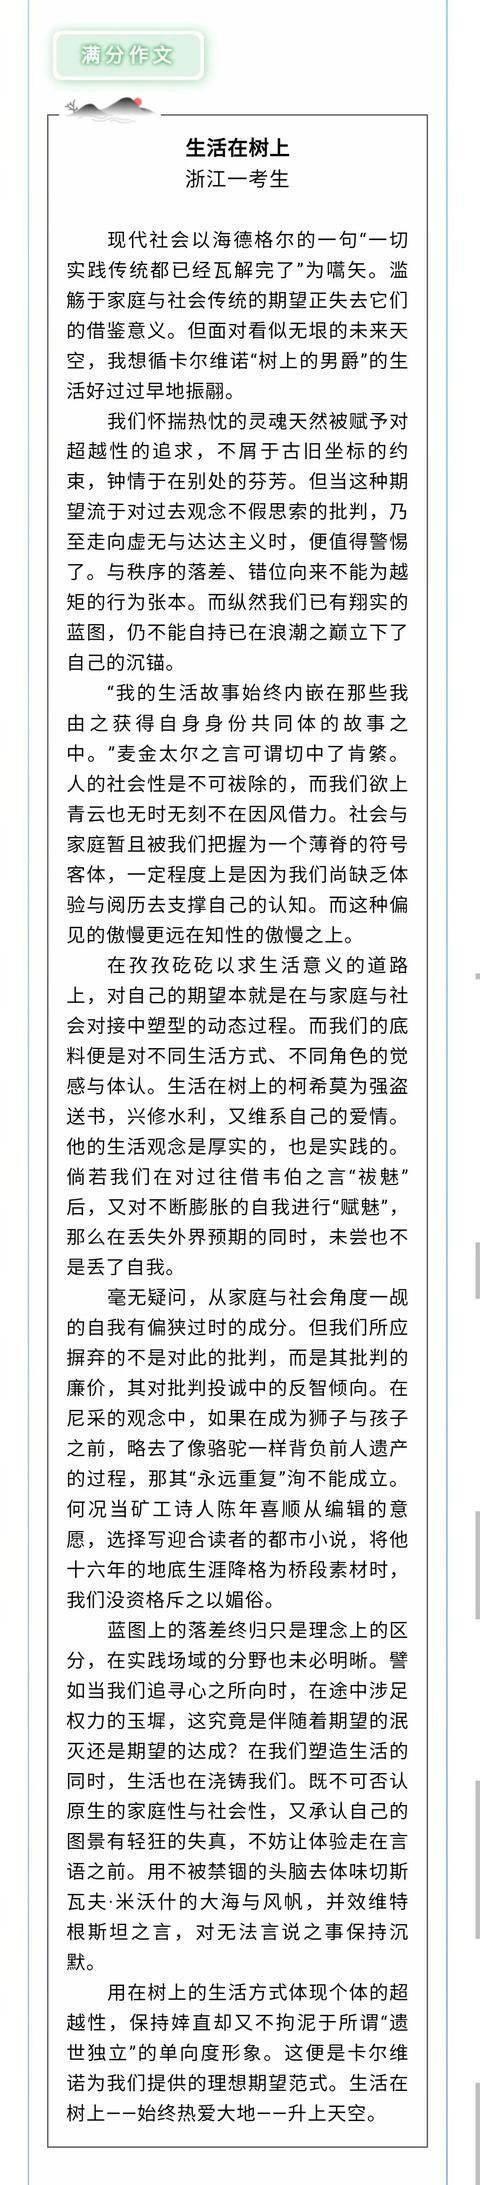 【外部链接】_浙江高考满分作文引热议 省教育考试院:评卷程序没有问题